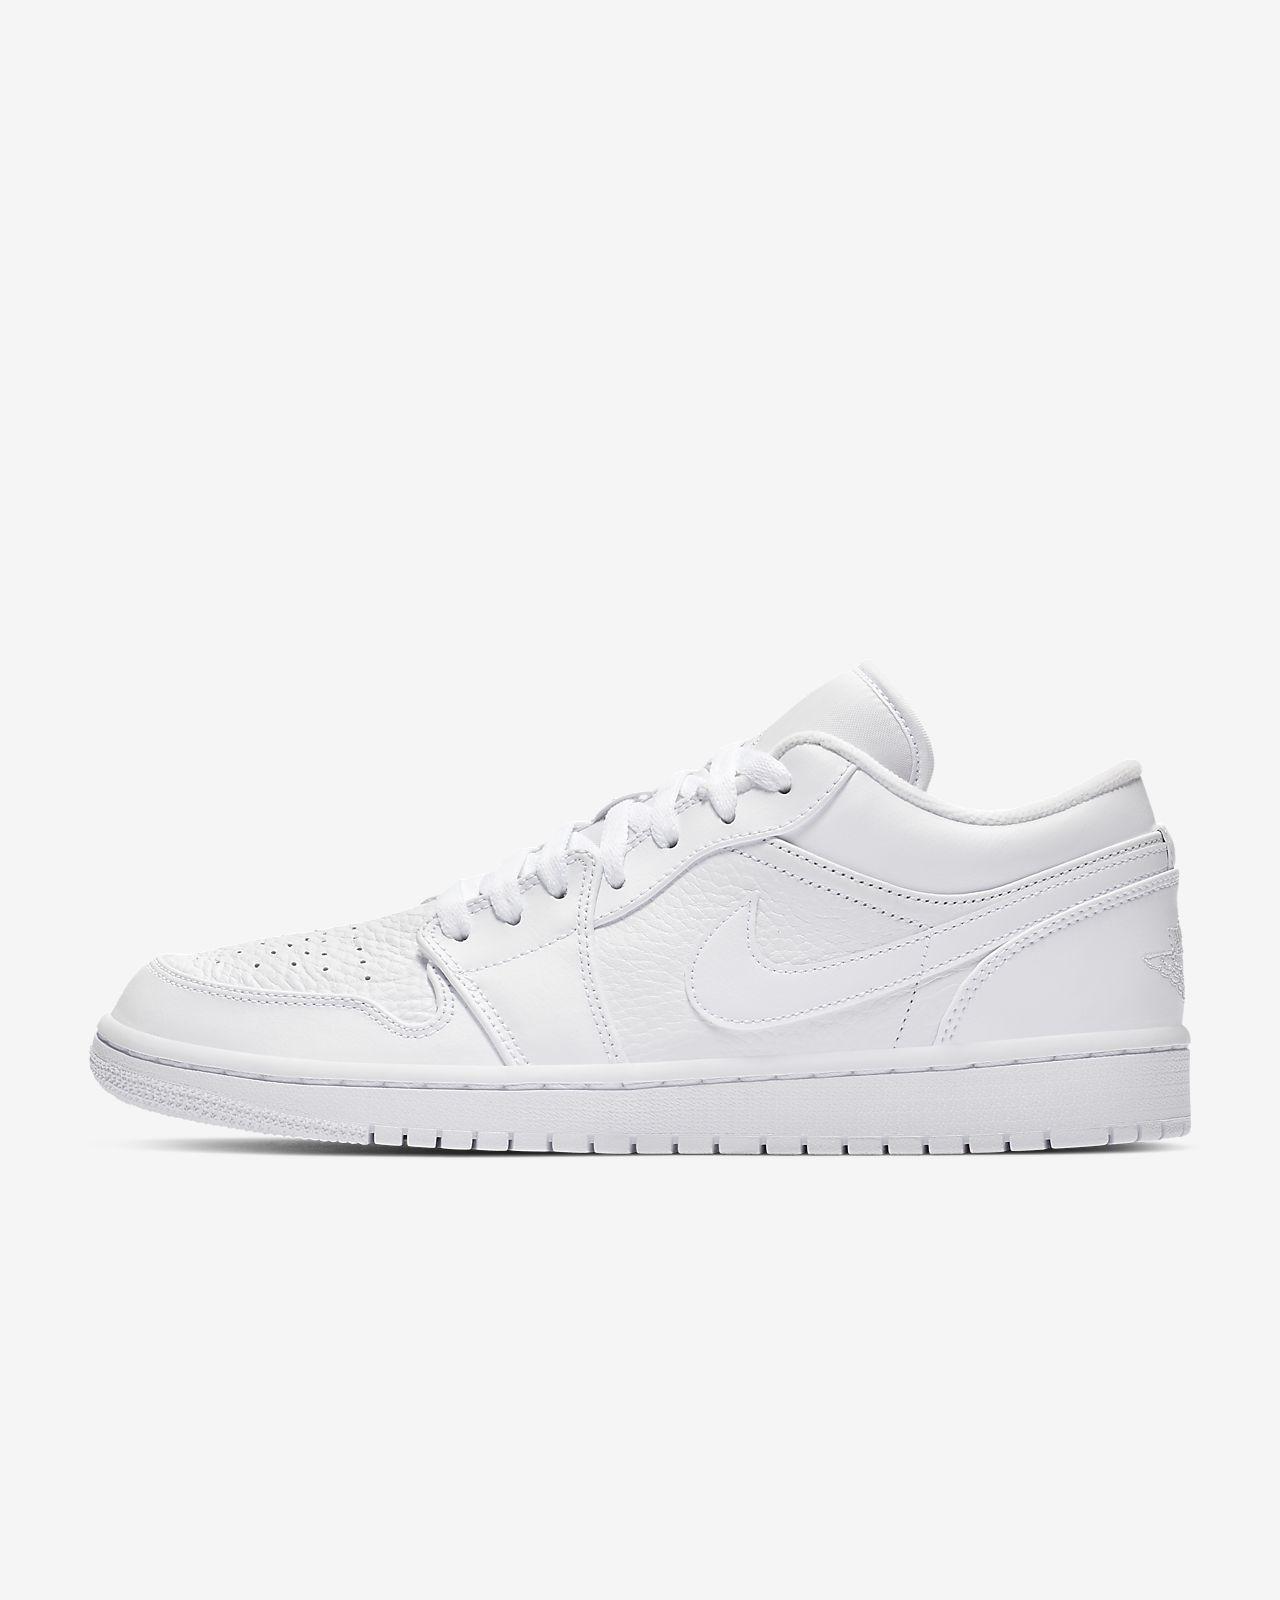 3b0ac45d513257 Air Jordan 1 Low Men s Shoe. Nike.com CA